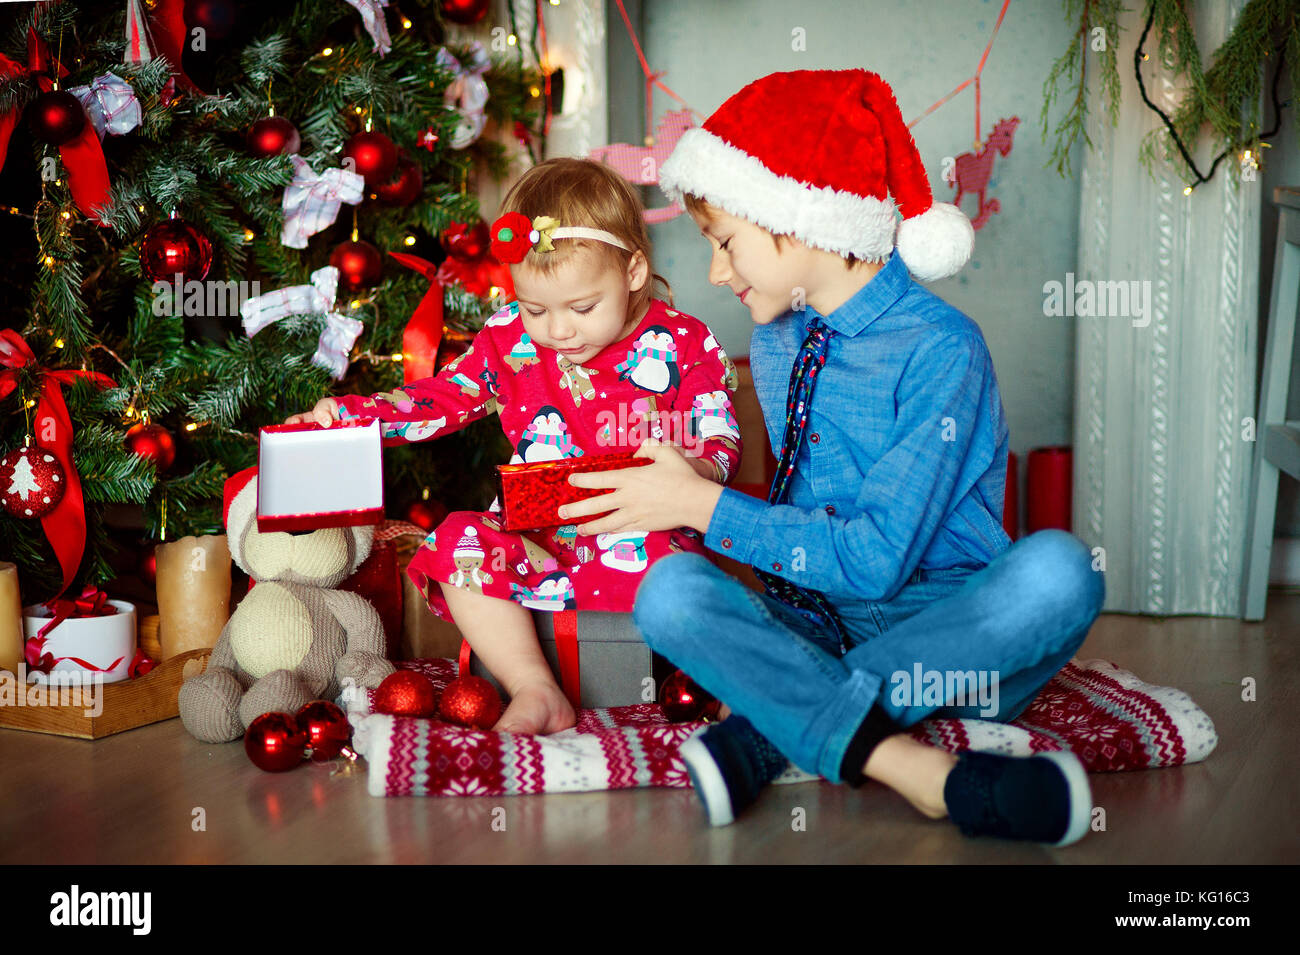 Familie am Weihnachtsabend am Kamin. Kinder Geschenke öffnen. Kinder ...